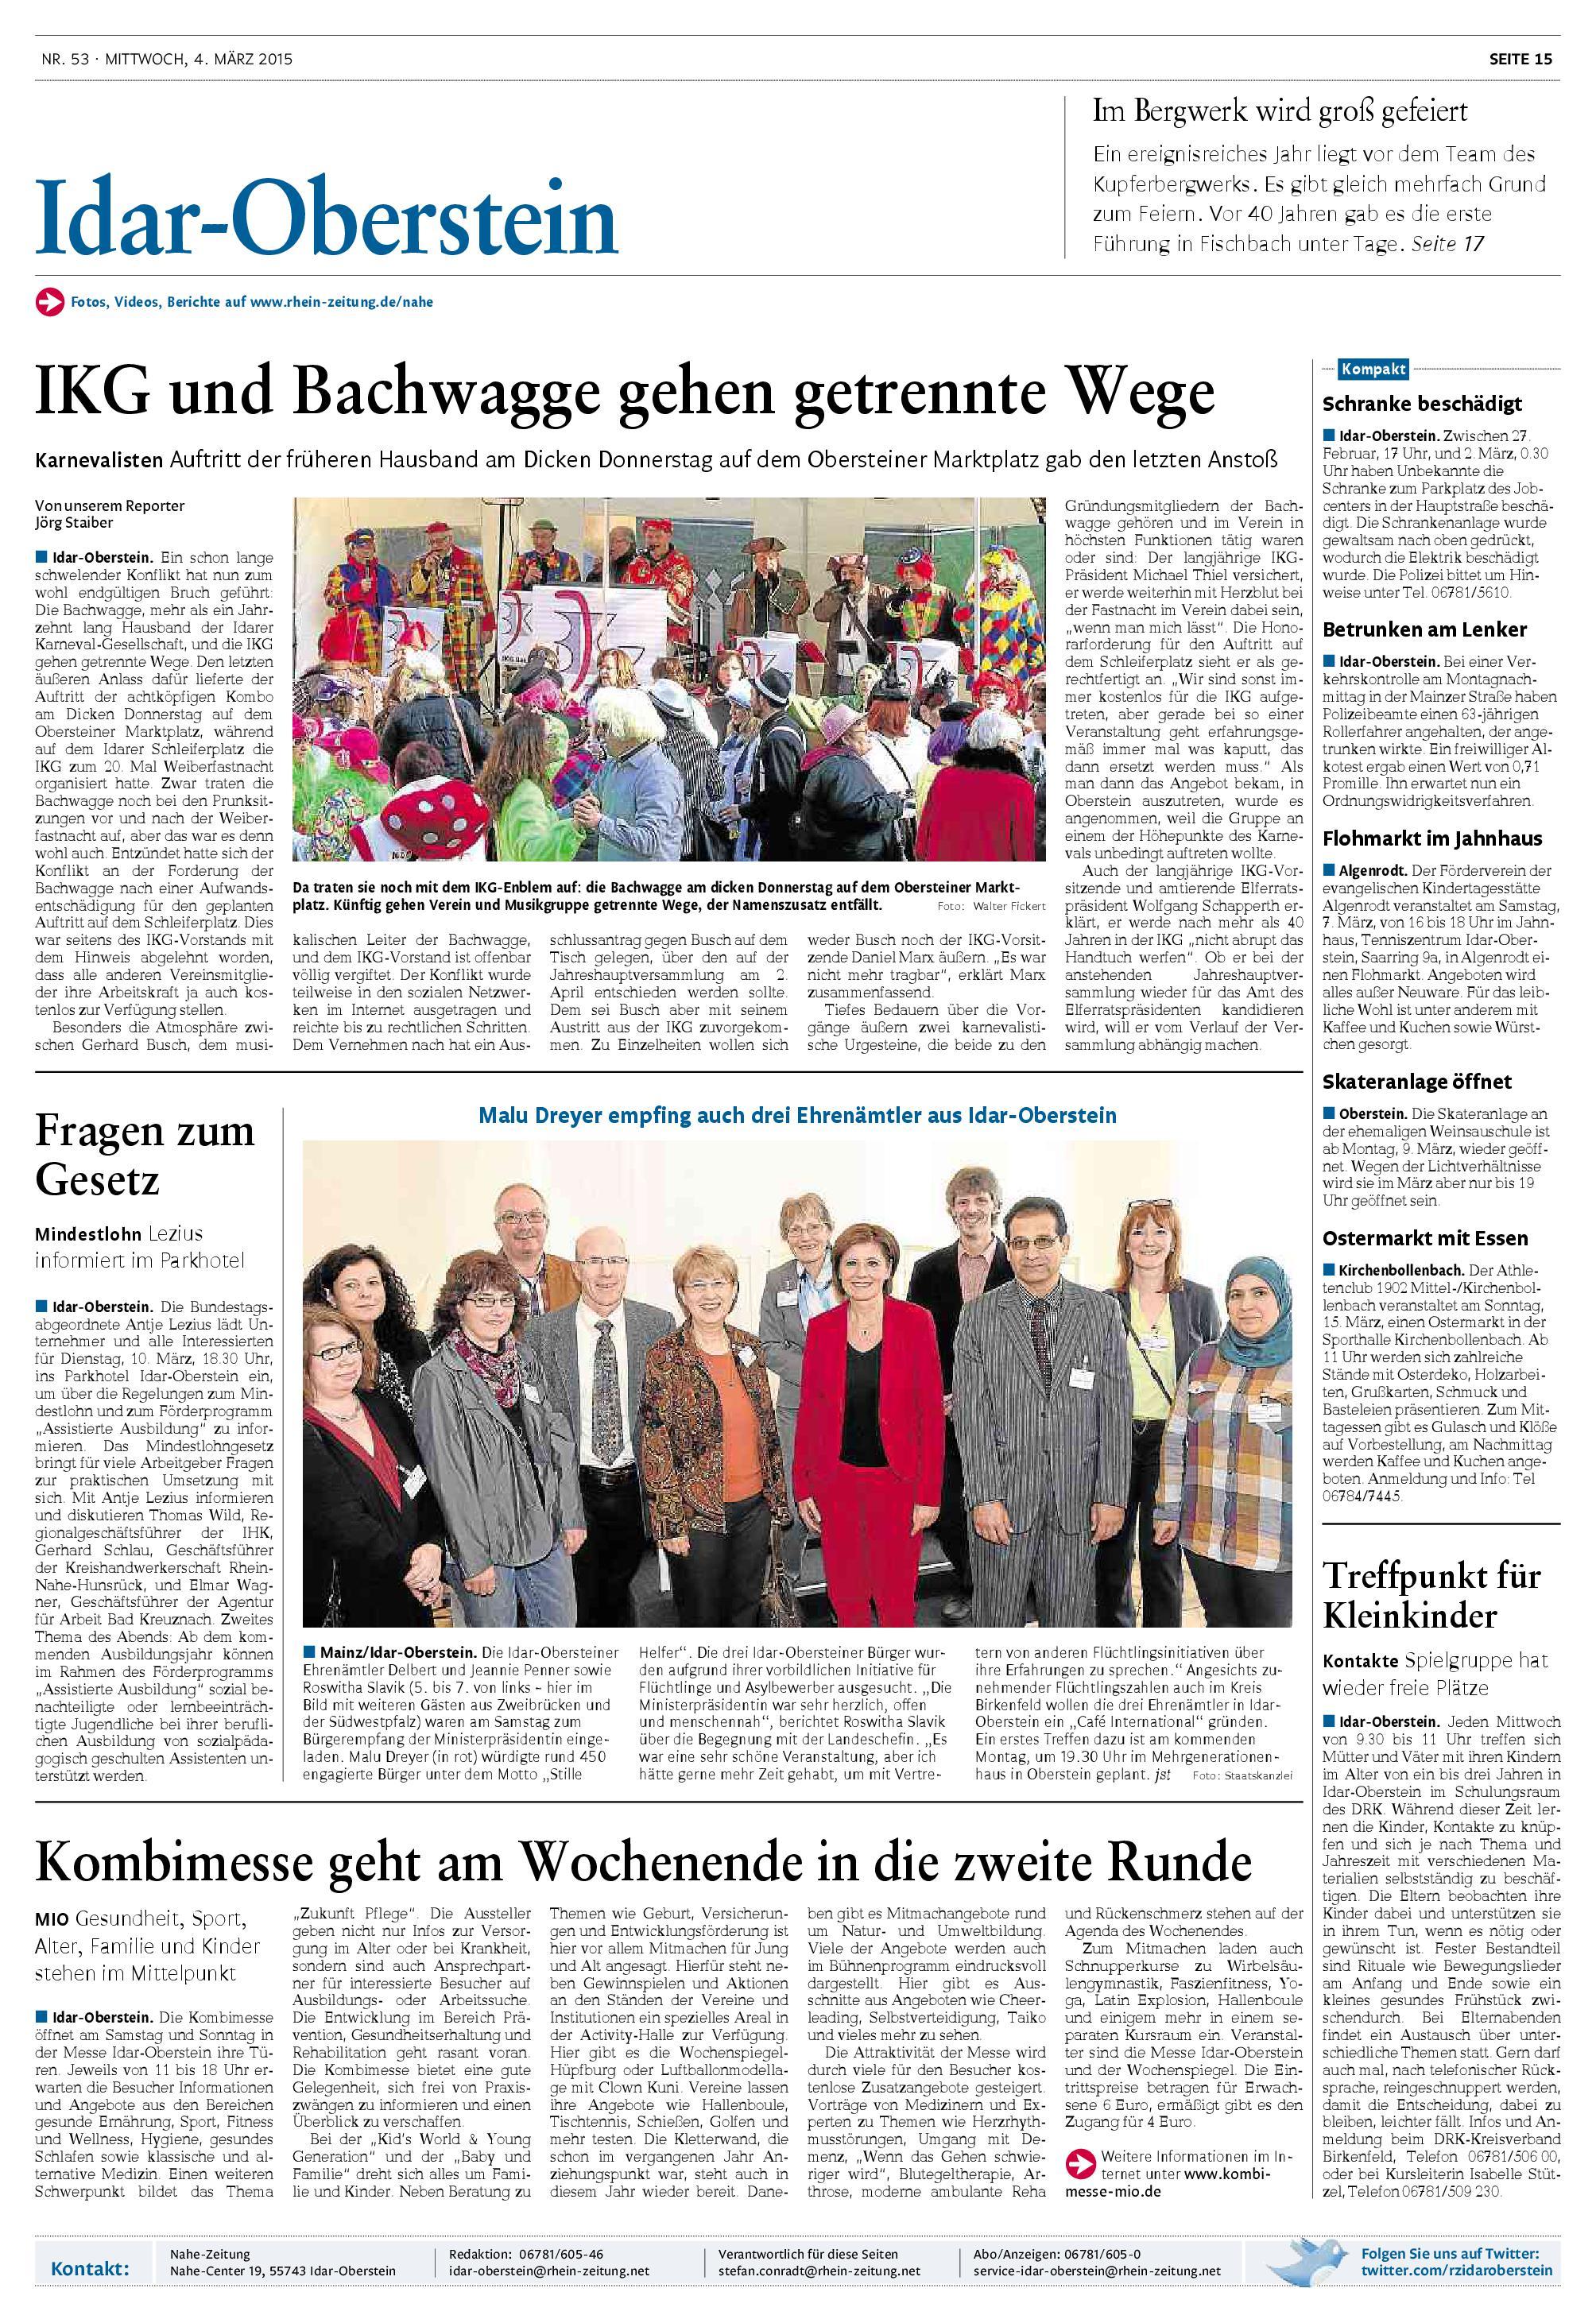 04.03.2015-IKG-und-Bachwagge-gehen-getrennte-Wege-001.jpg